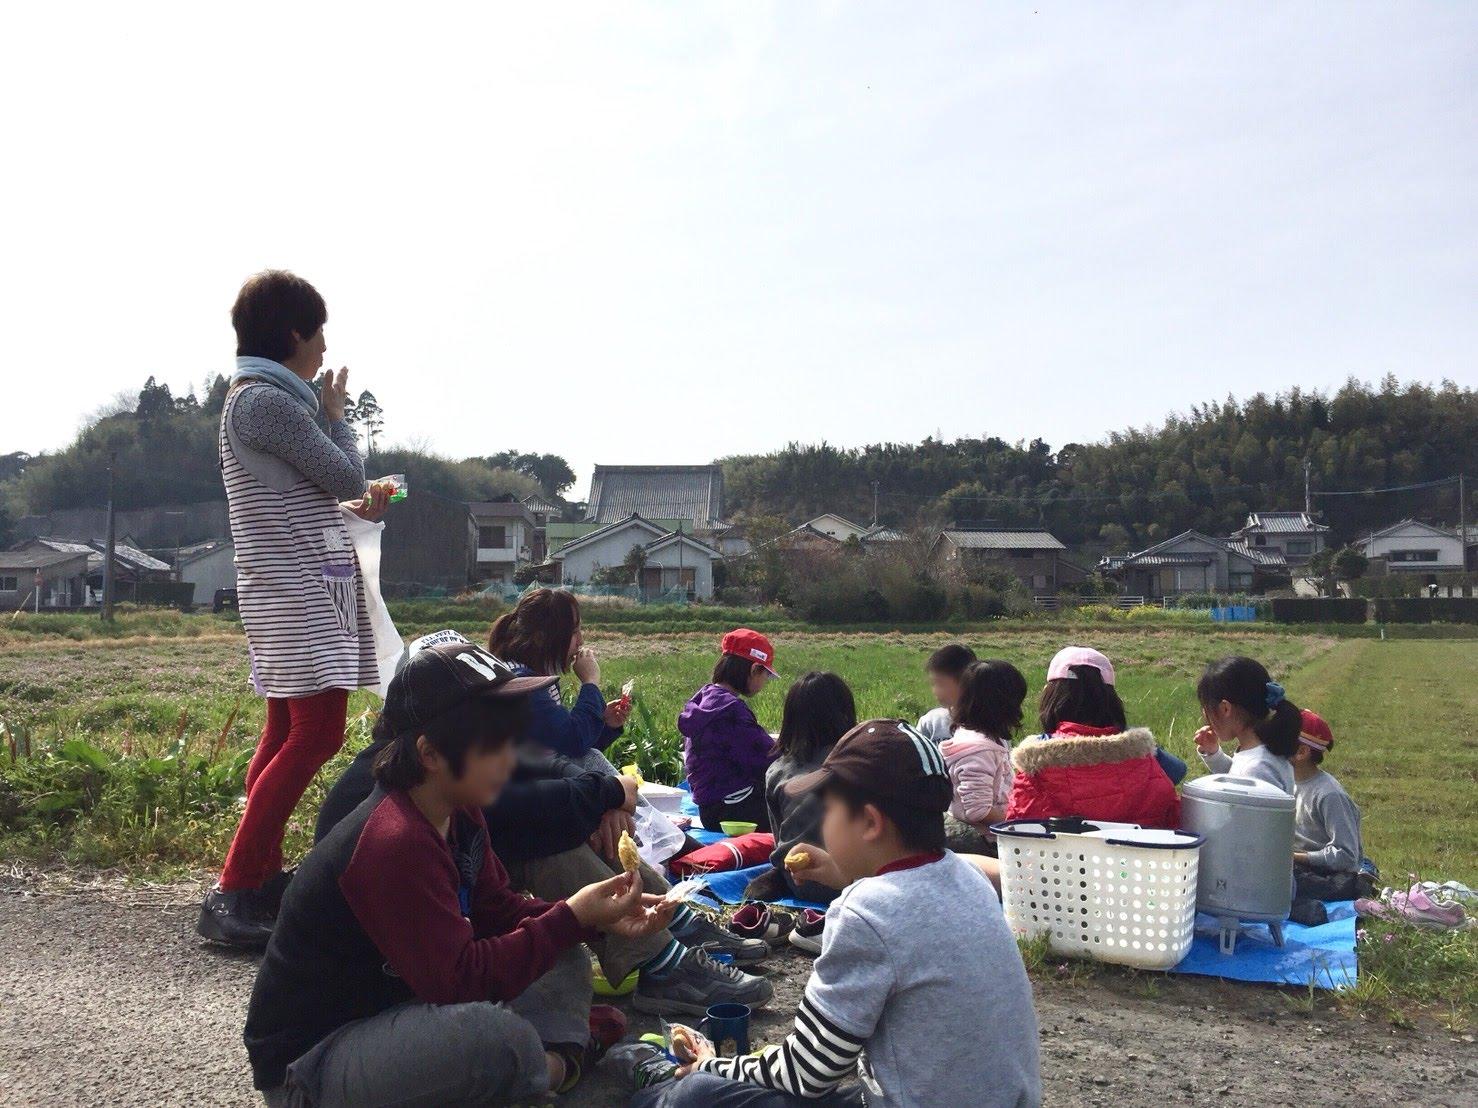 明信寺に来た学童保育の子どもたちは寺の中で遊んだり、外でピクニックをしたり、さまざまなことをして過ごす。そのようすを那須さんを中心とした大人が見守る